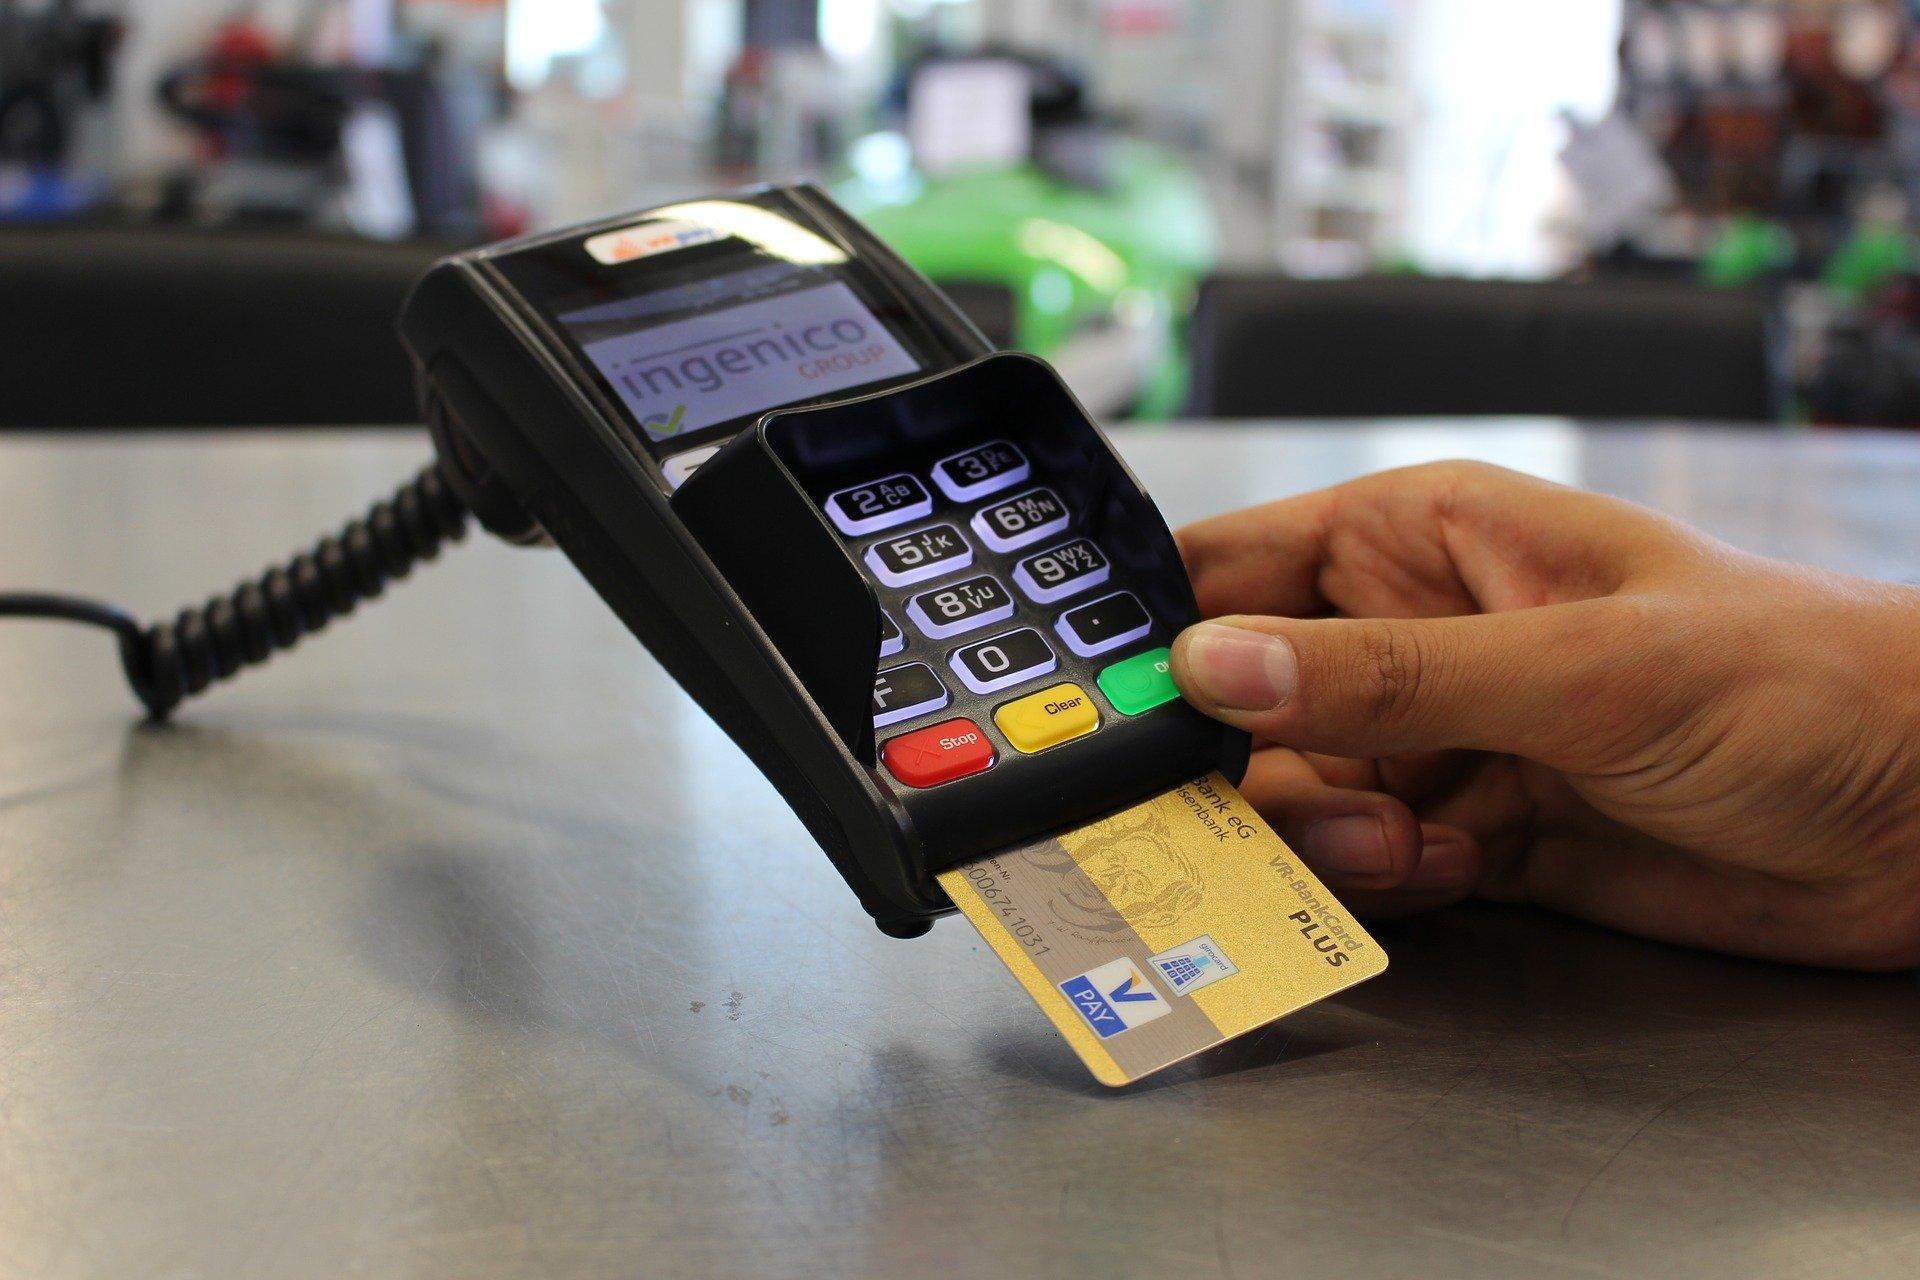 Mano derecha sosteniendo un dispositivo Posnet con una tarjeta inserta en él.